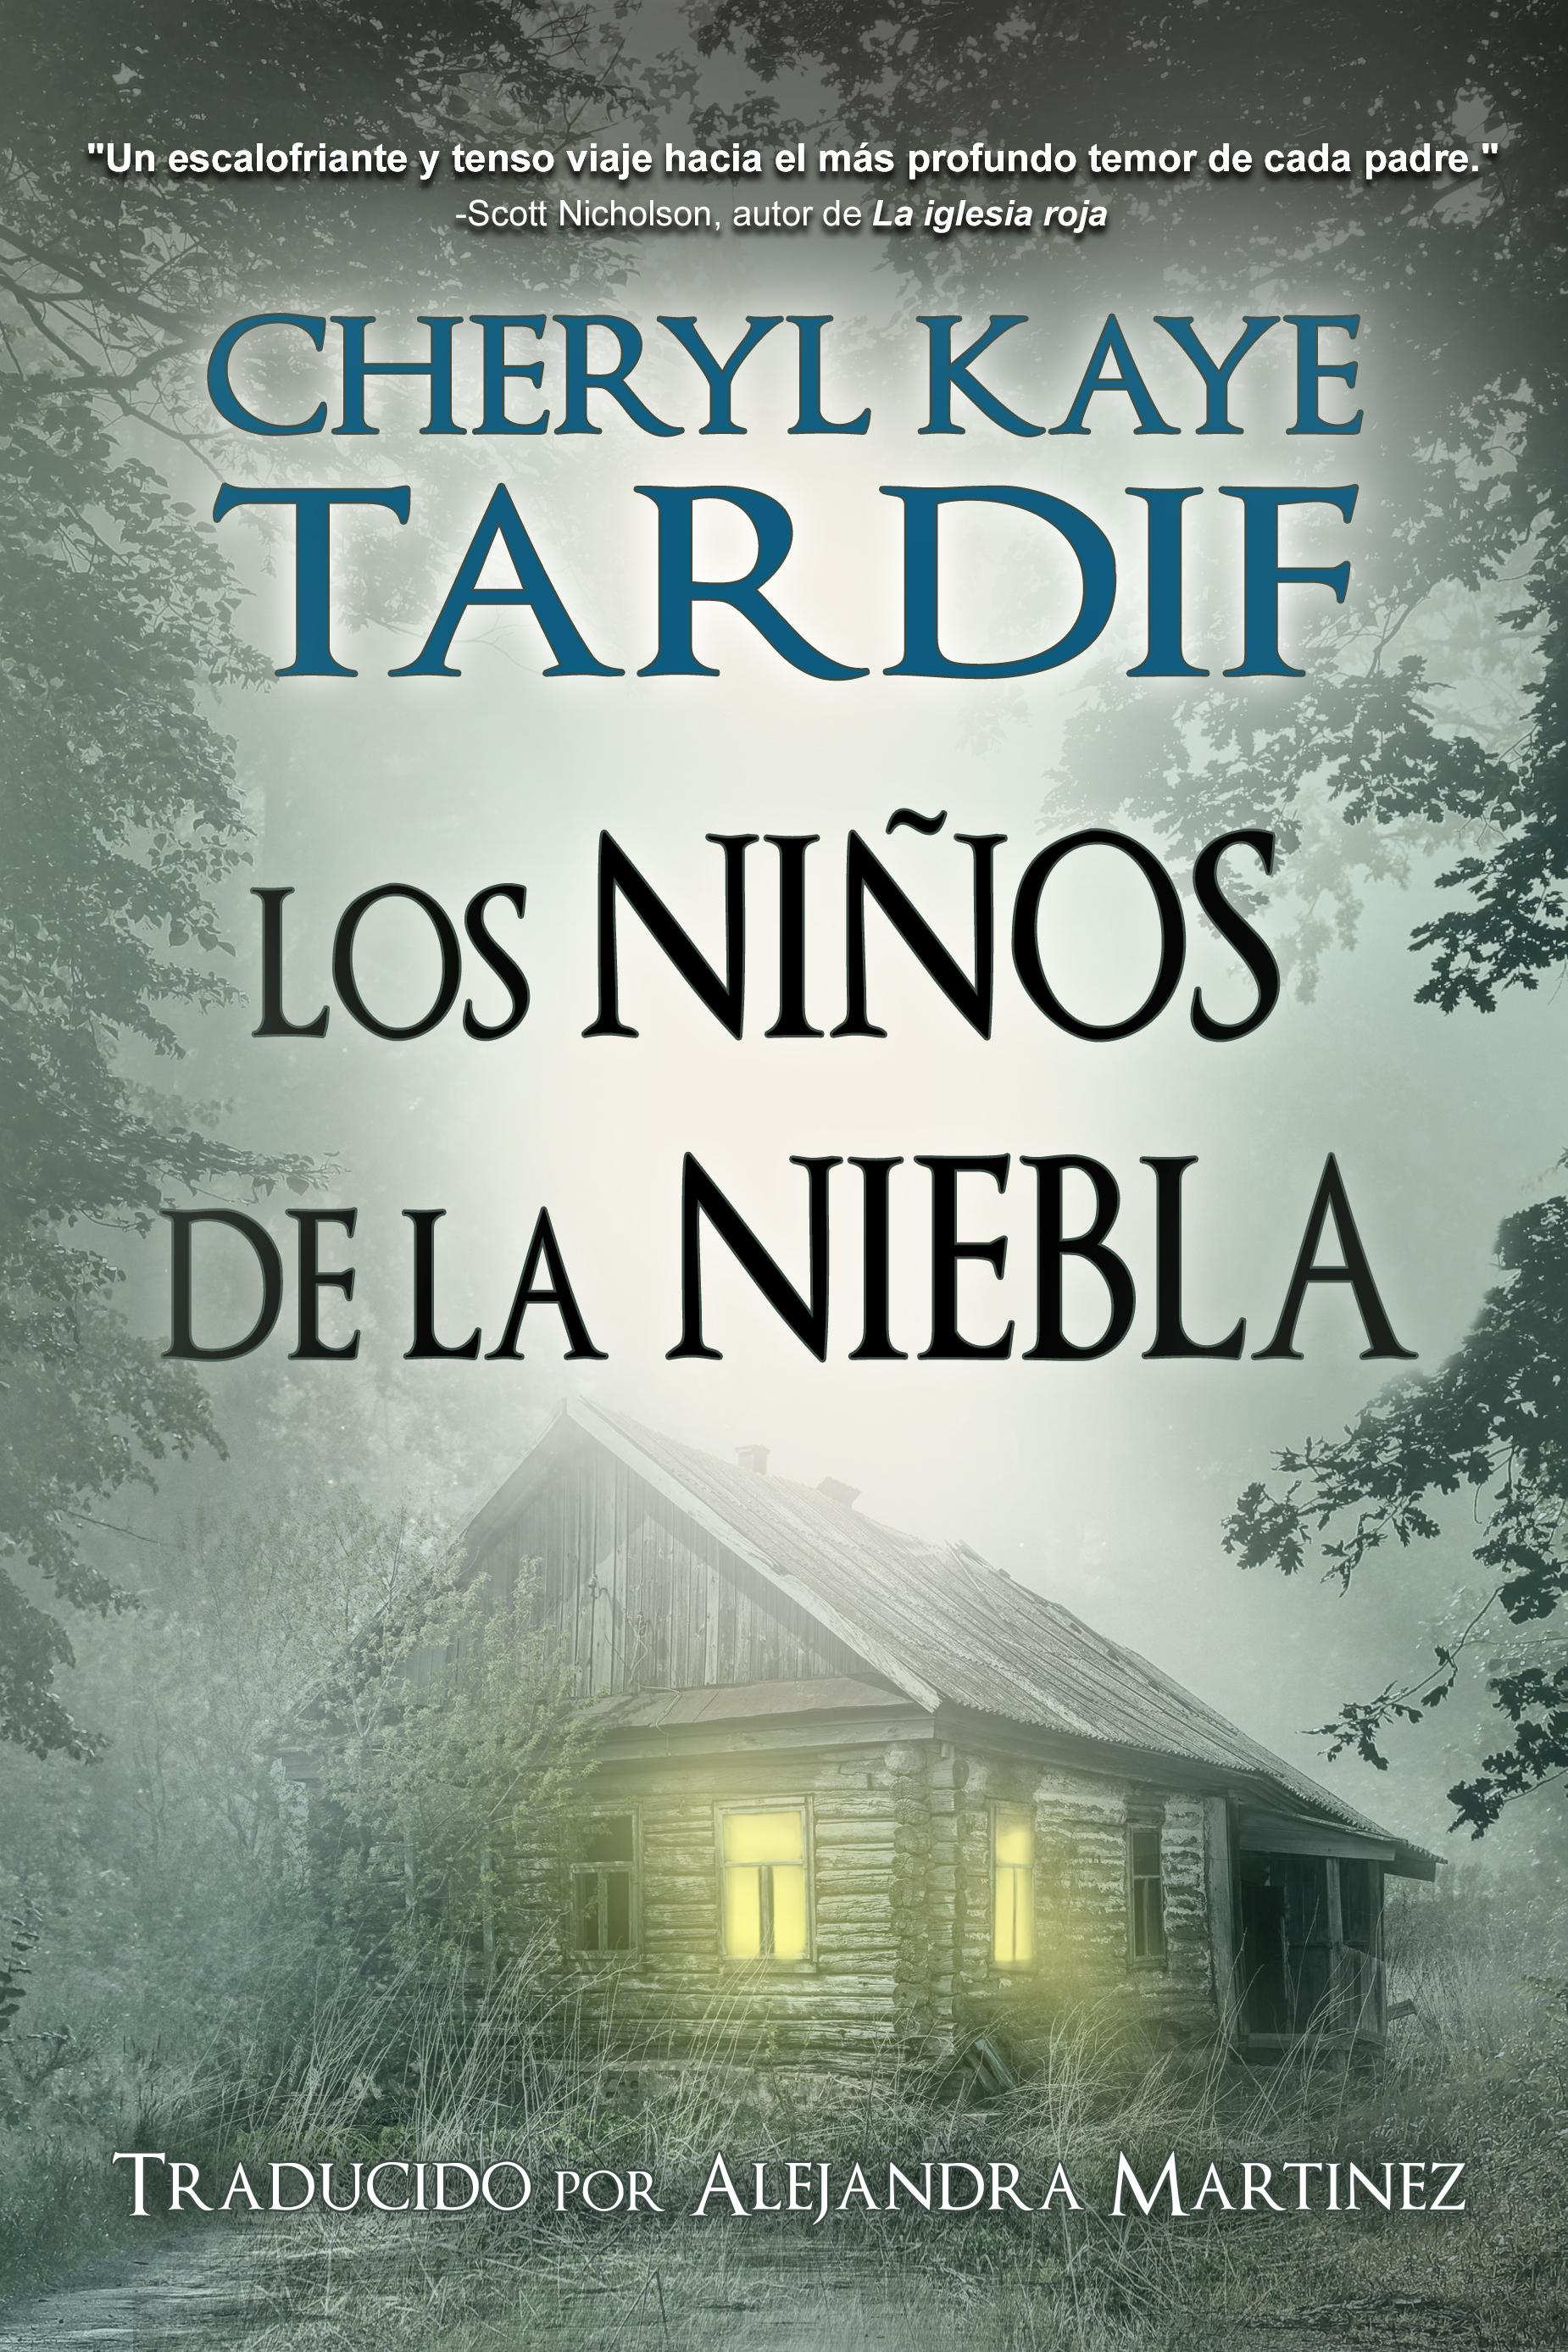 Los Ninos de la Niebla